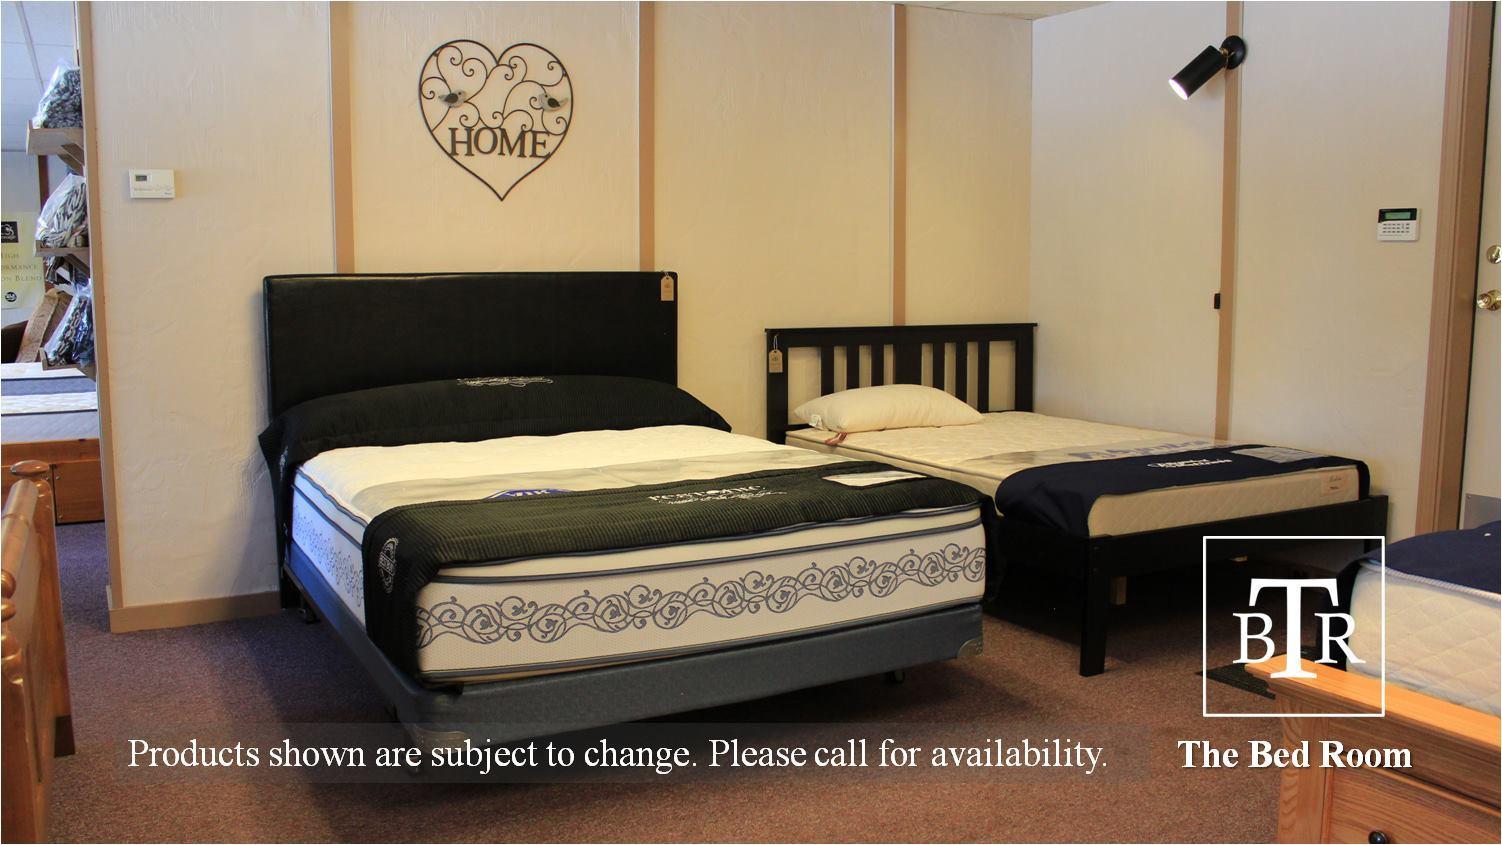 The Bed Room - Latex Mattress Store Batavia New York